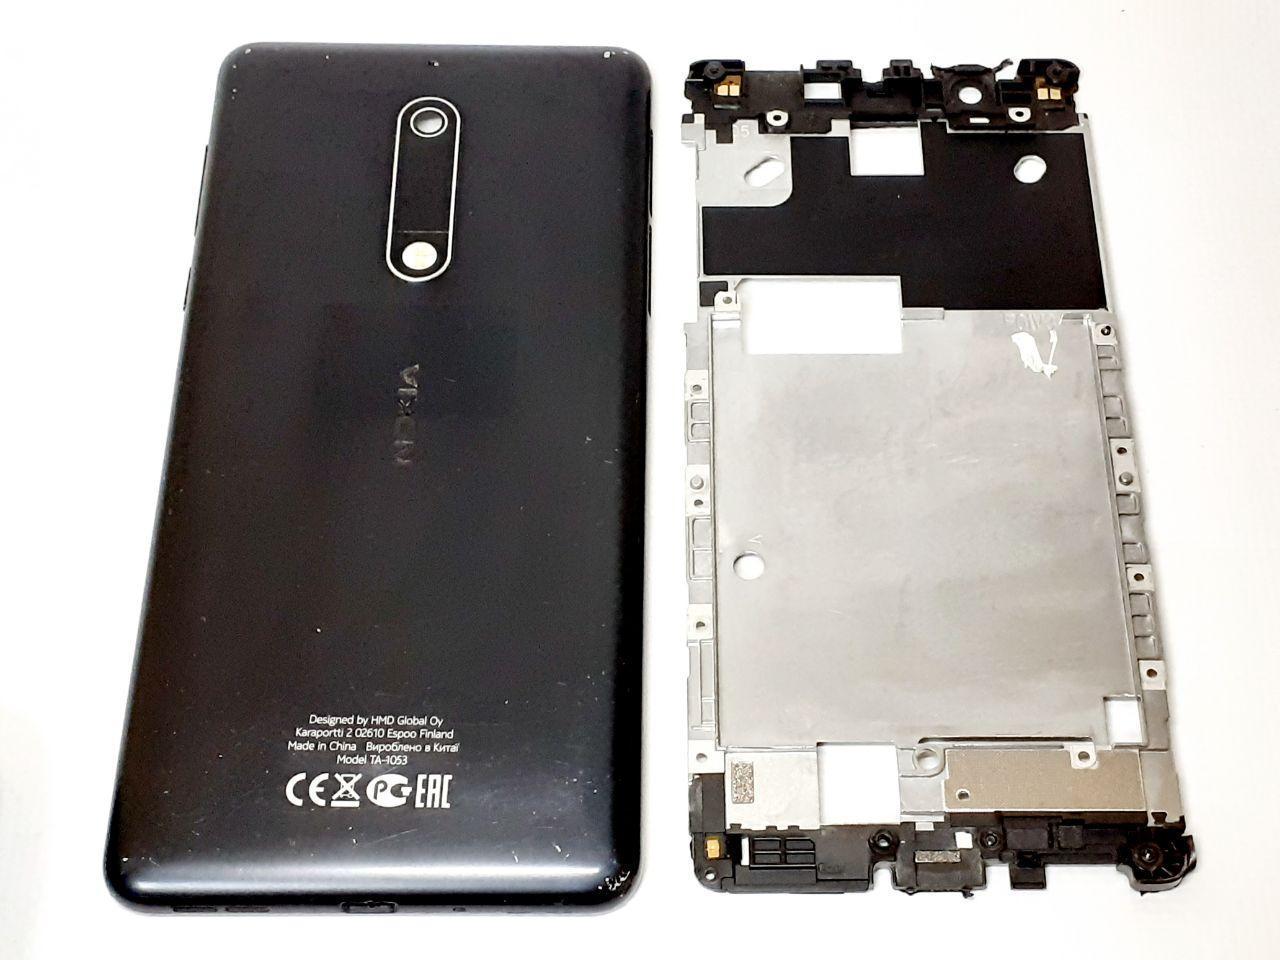 Задня кришка , середня частина корпуса ,бічні кнопки на шлейфі , вібромотор Nokia 5 Dual Sim ТА-1053, чорна,